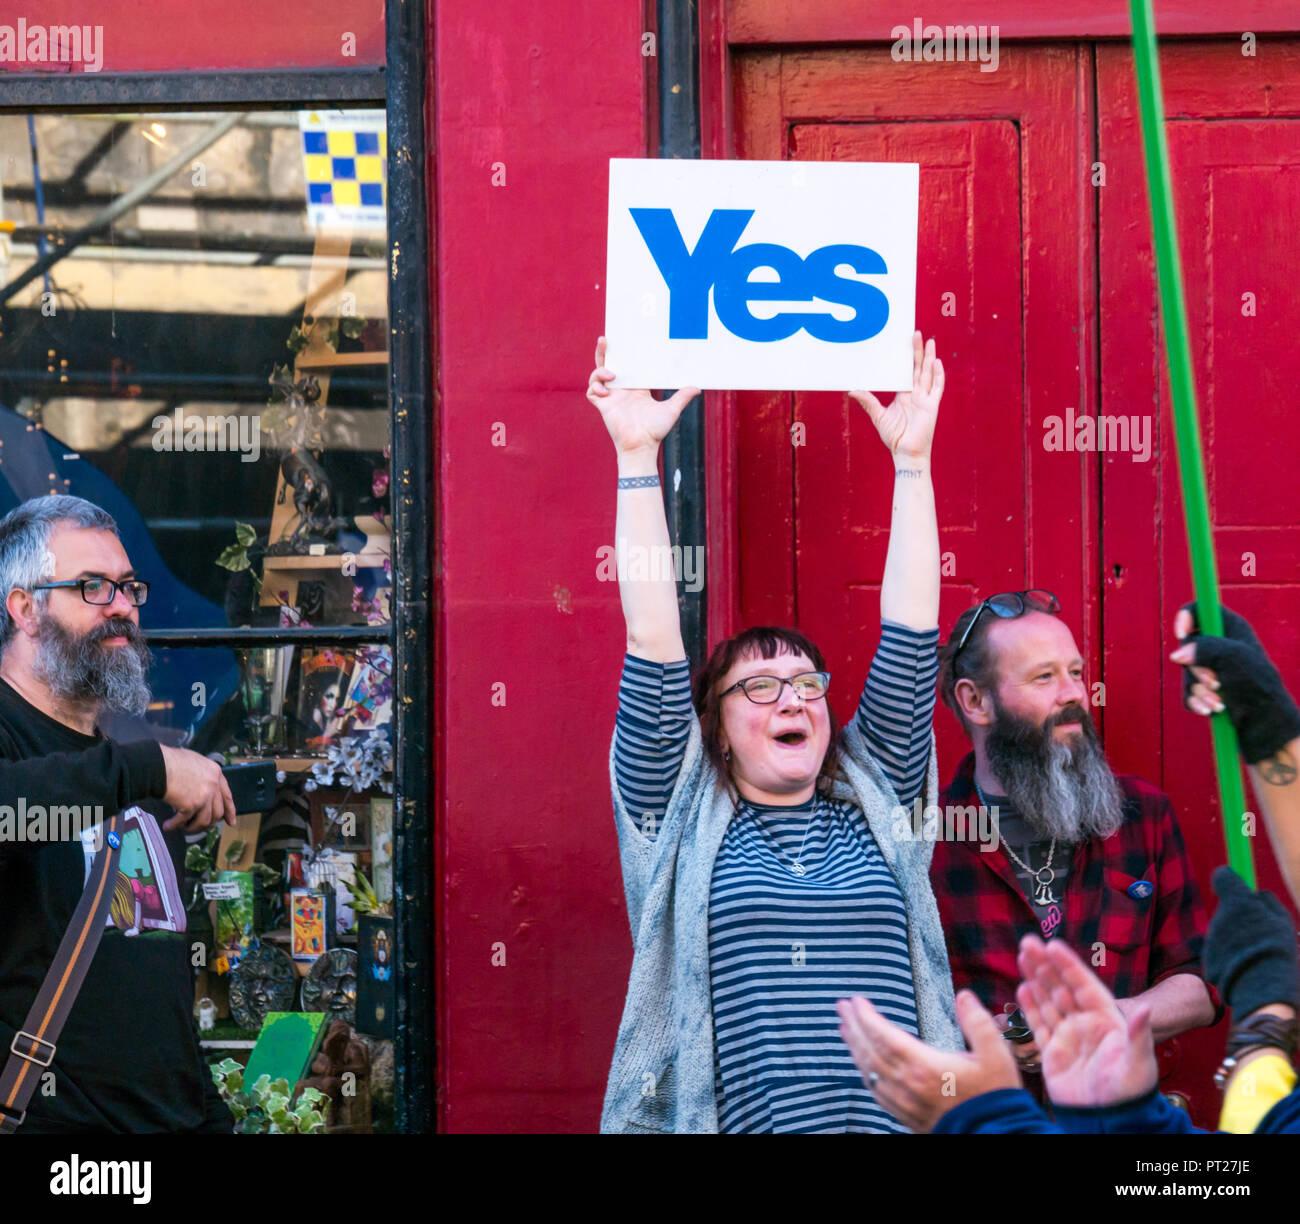 holyrood-edinburgh-scotland-united-kingd